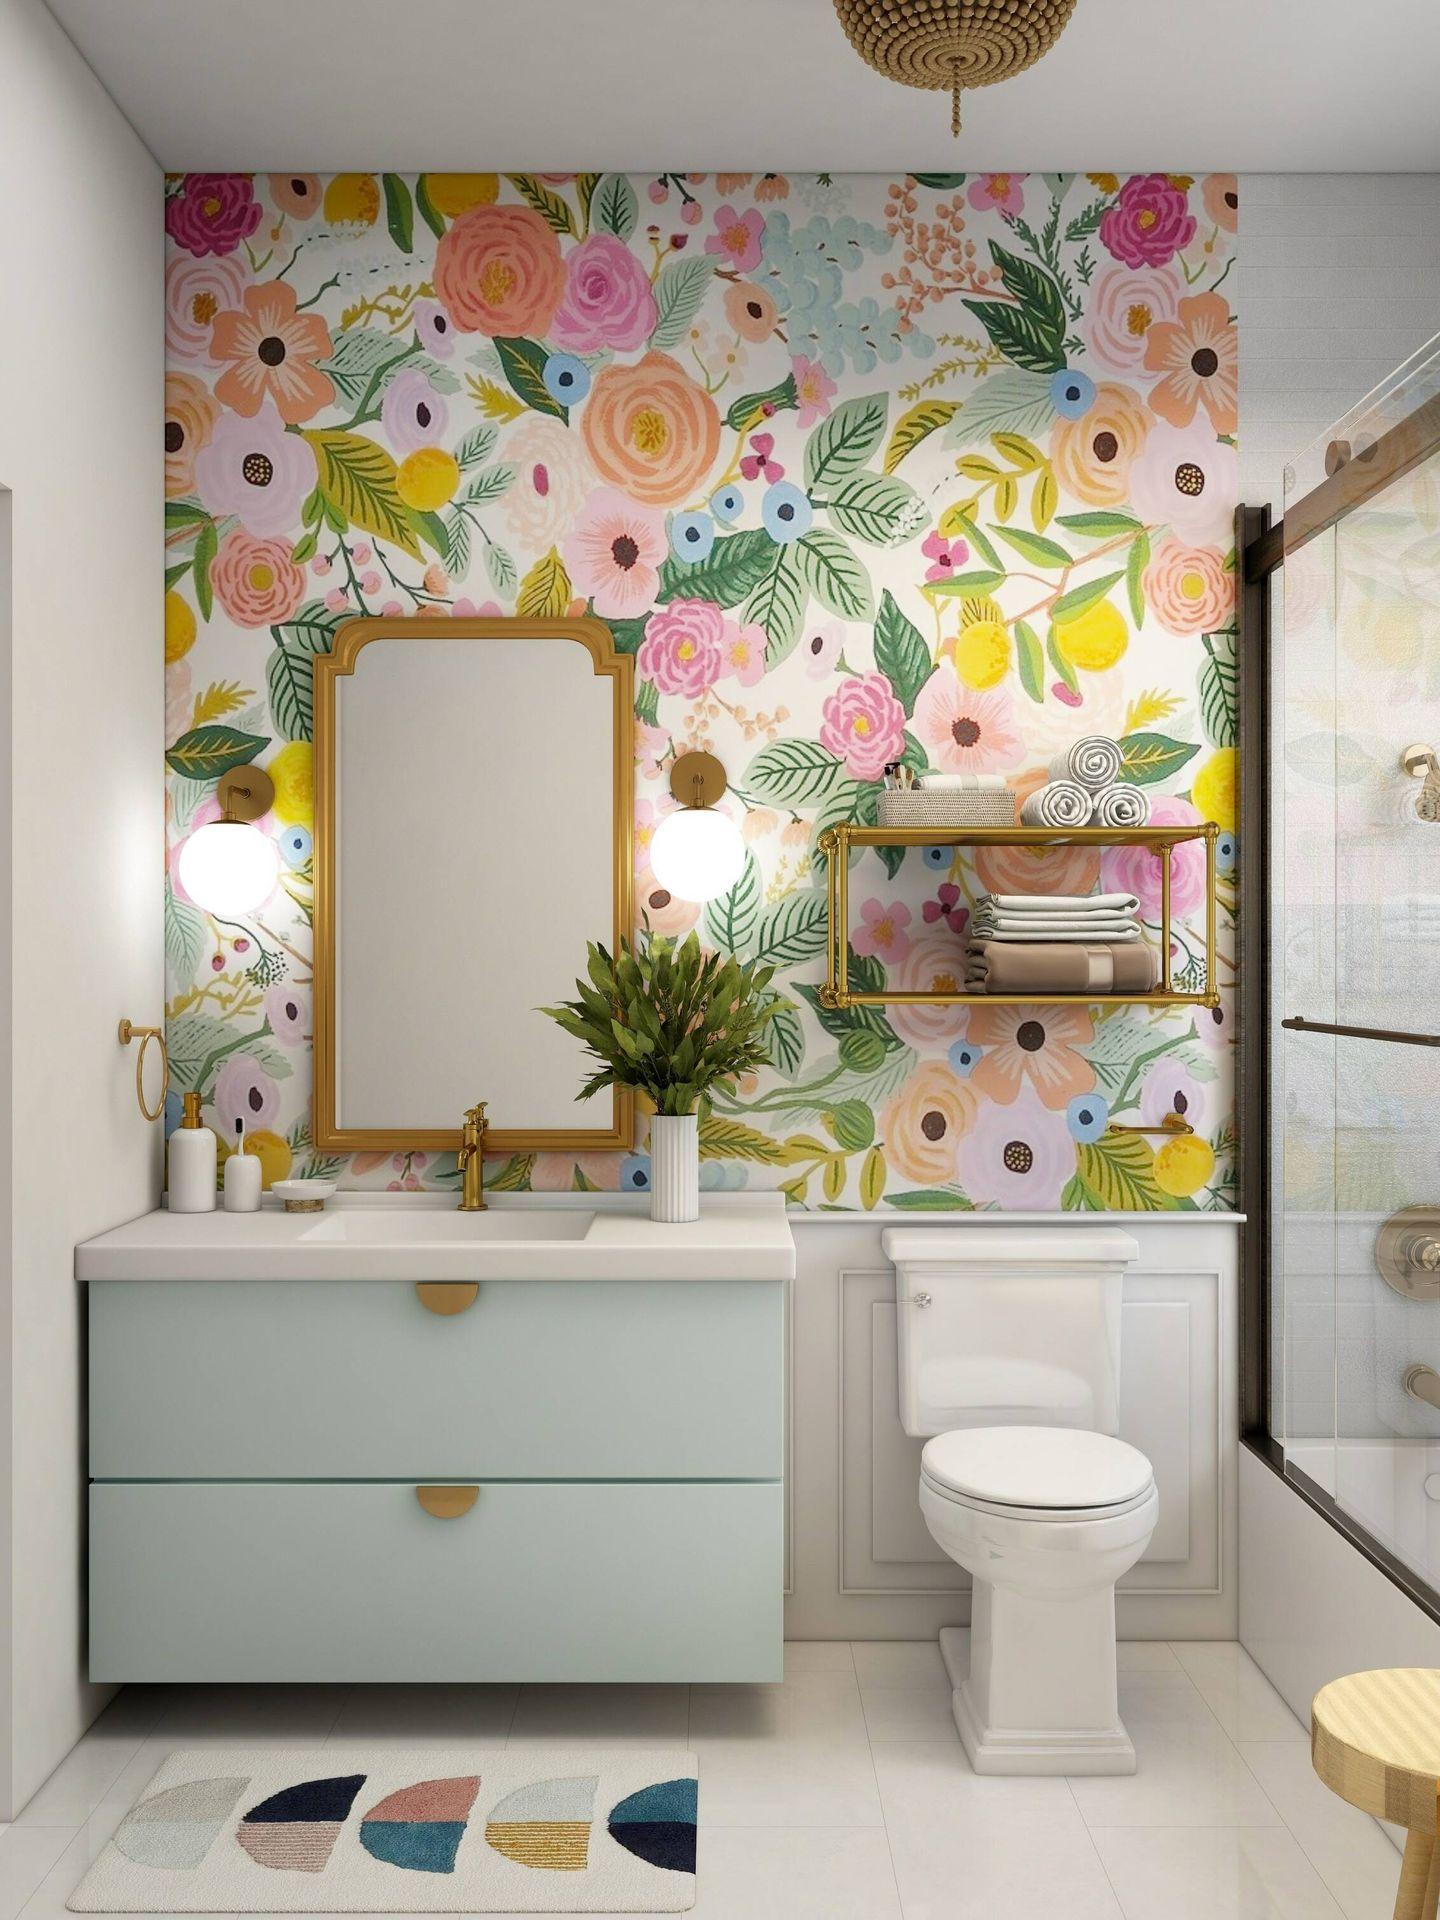 Orden y limpieza en casa con el reto de los 21 días. (Grace Kelly para Unsplash)